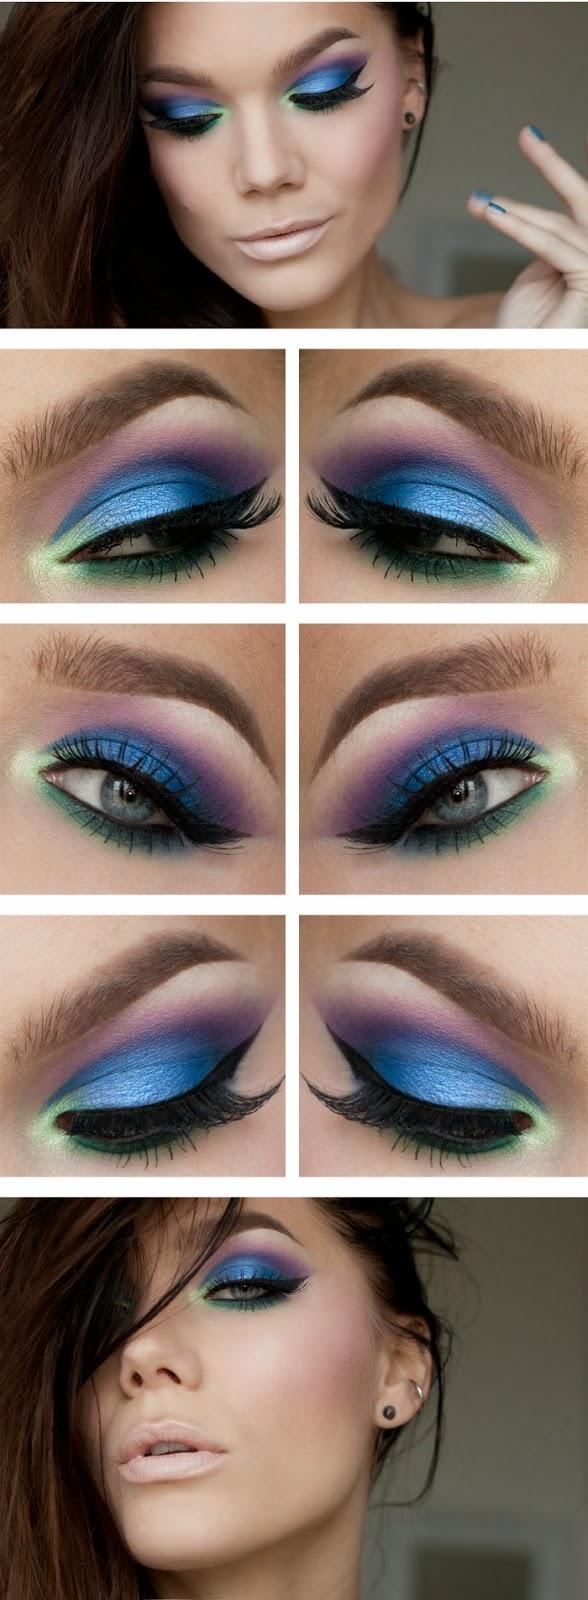 Макияж для голубых глаз макияж для голубых глаз пошагово вечерний